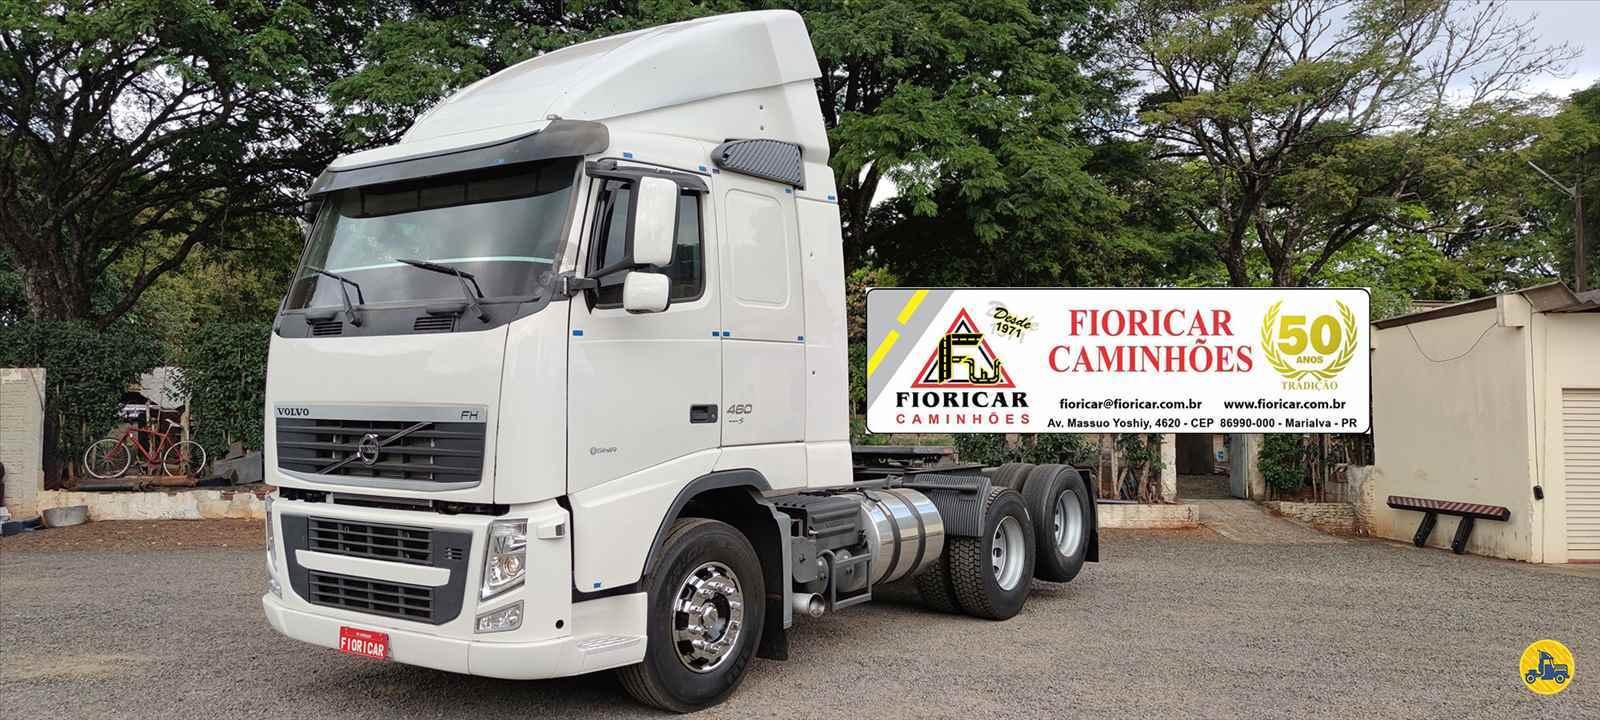 VOLVO FH 460 de Fioricar Caminhões - MARIALVA/PR